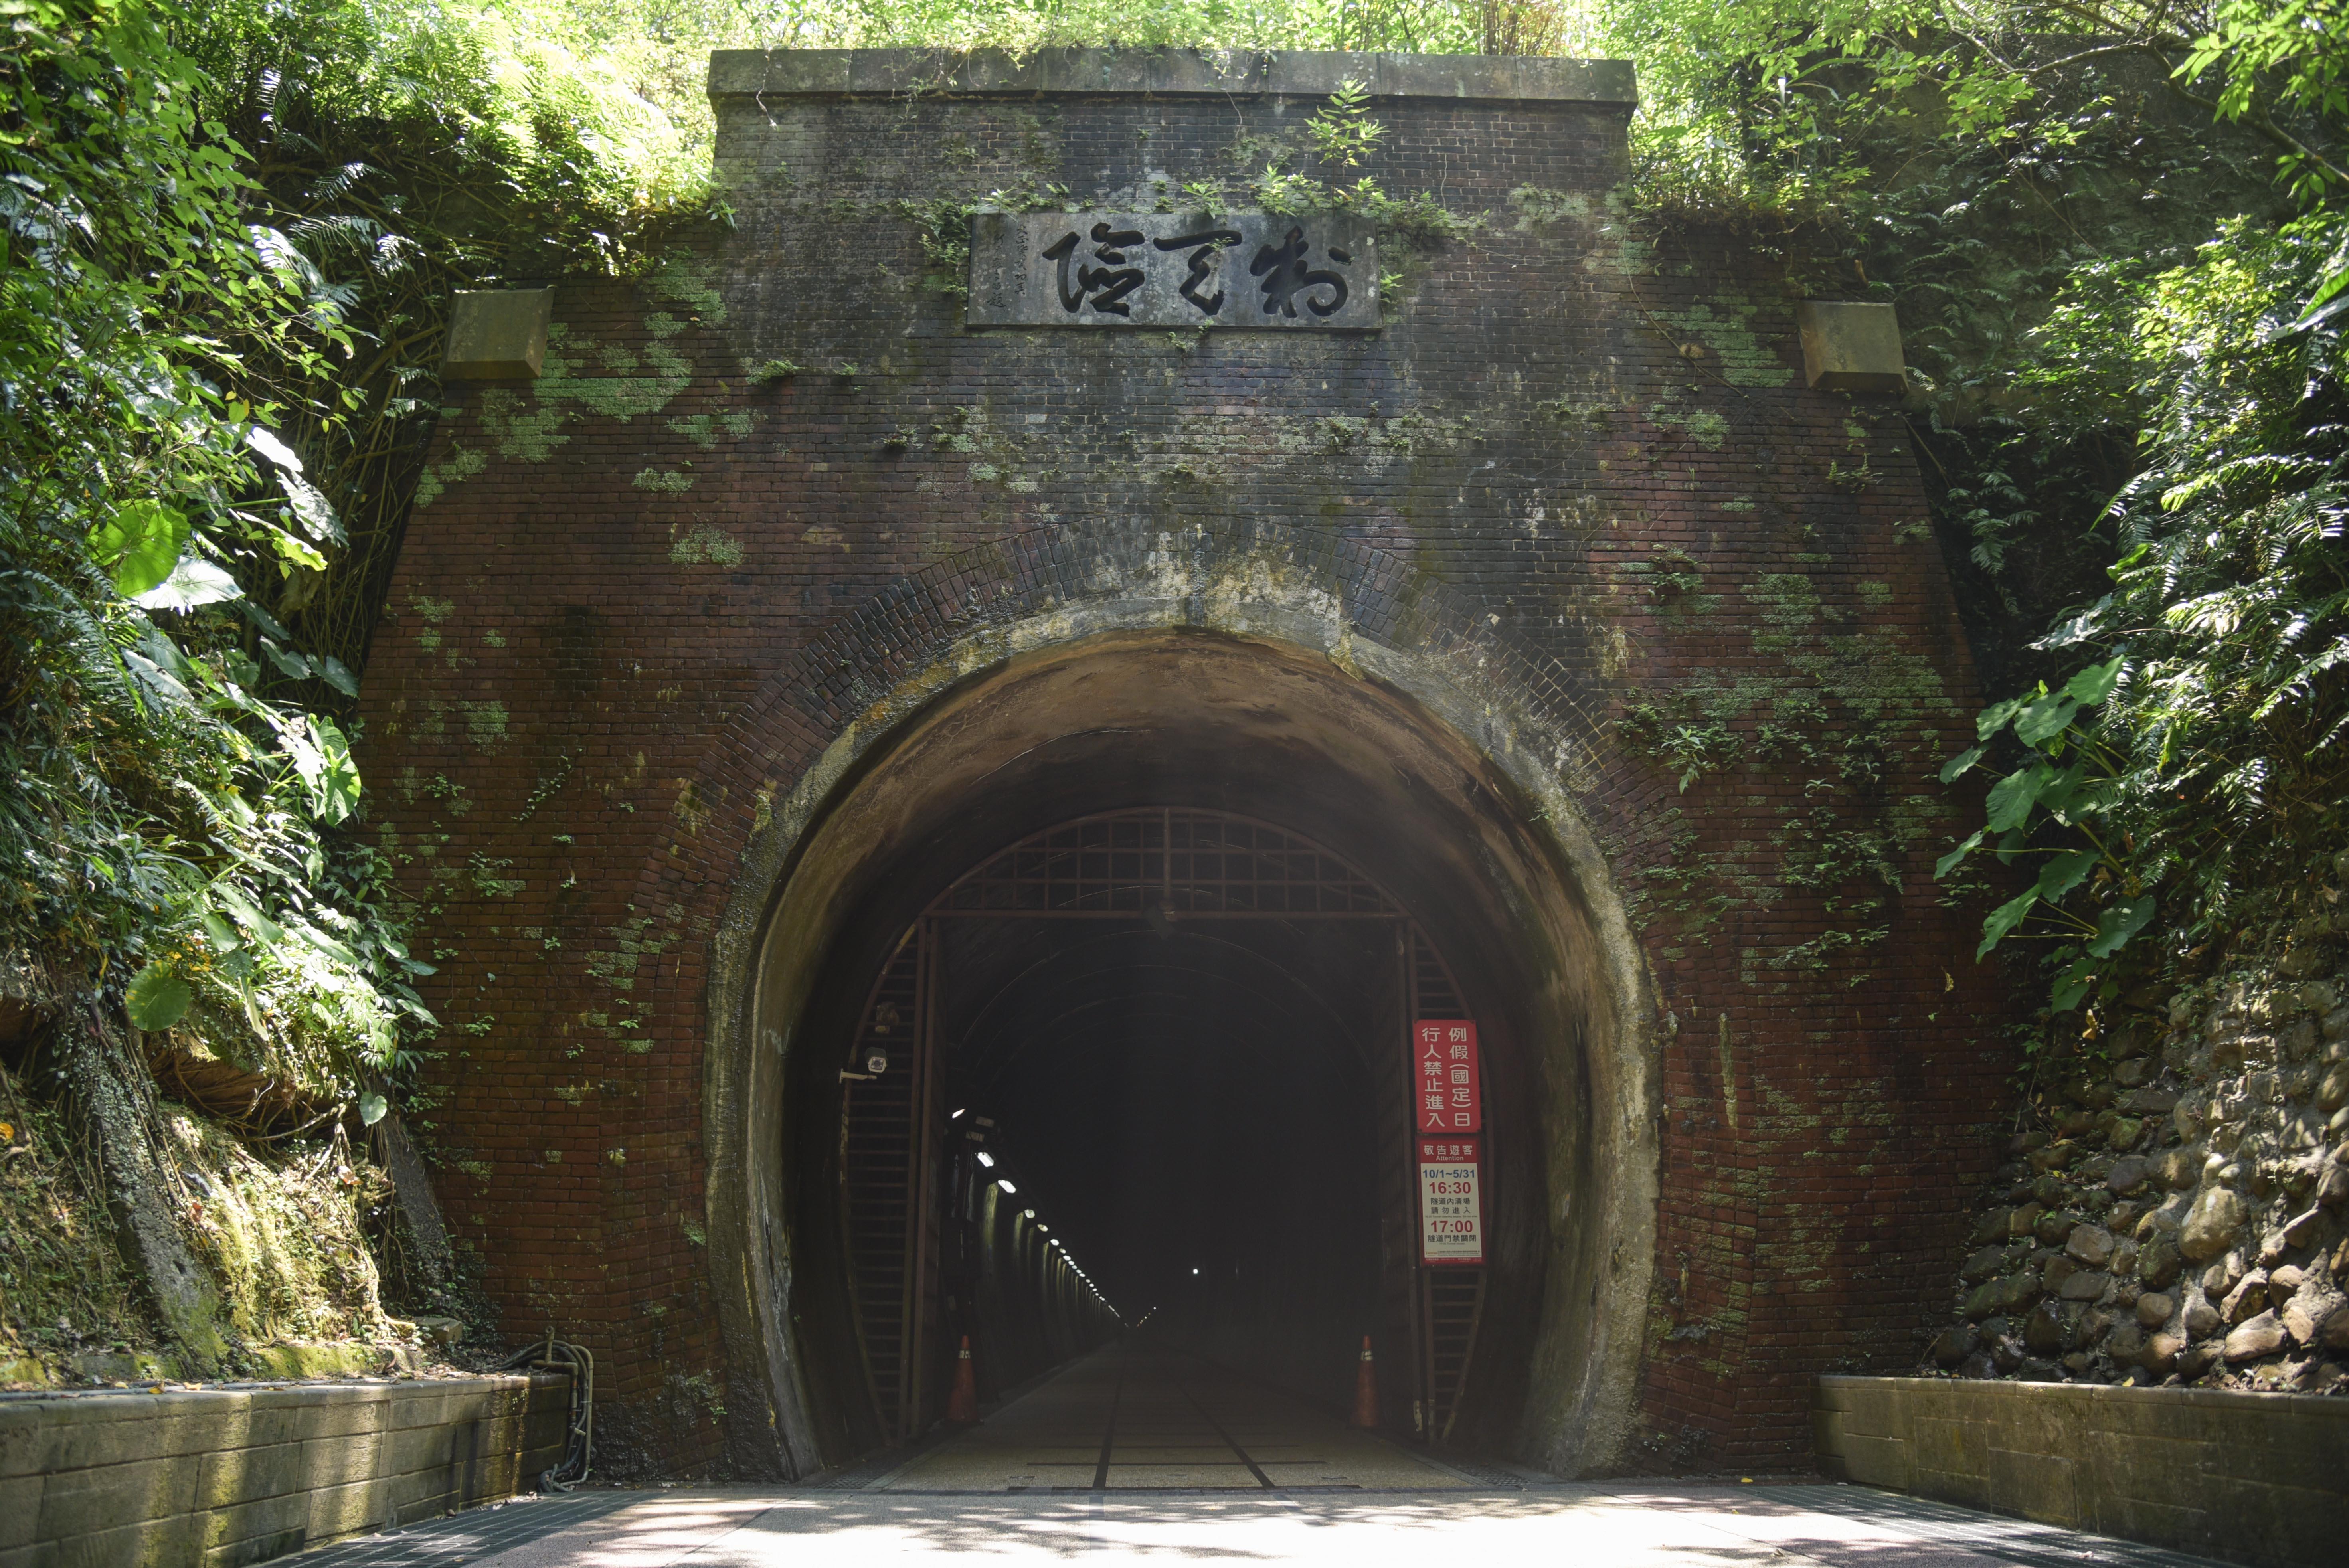 舊草嶺隧道是北台灣第一條鐵路隧道改建而成的鐵馬隧道。(圖/觀光局)